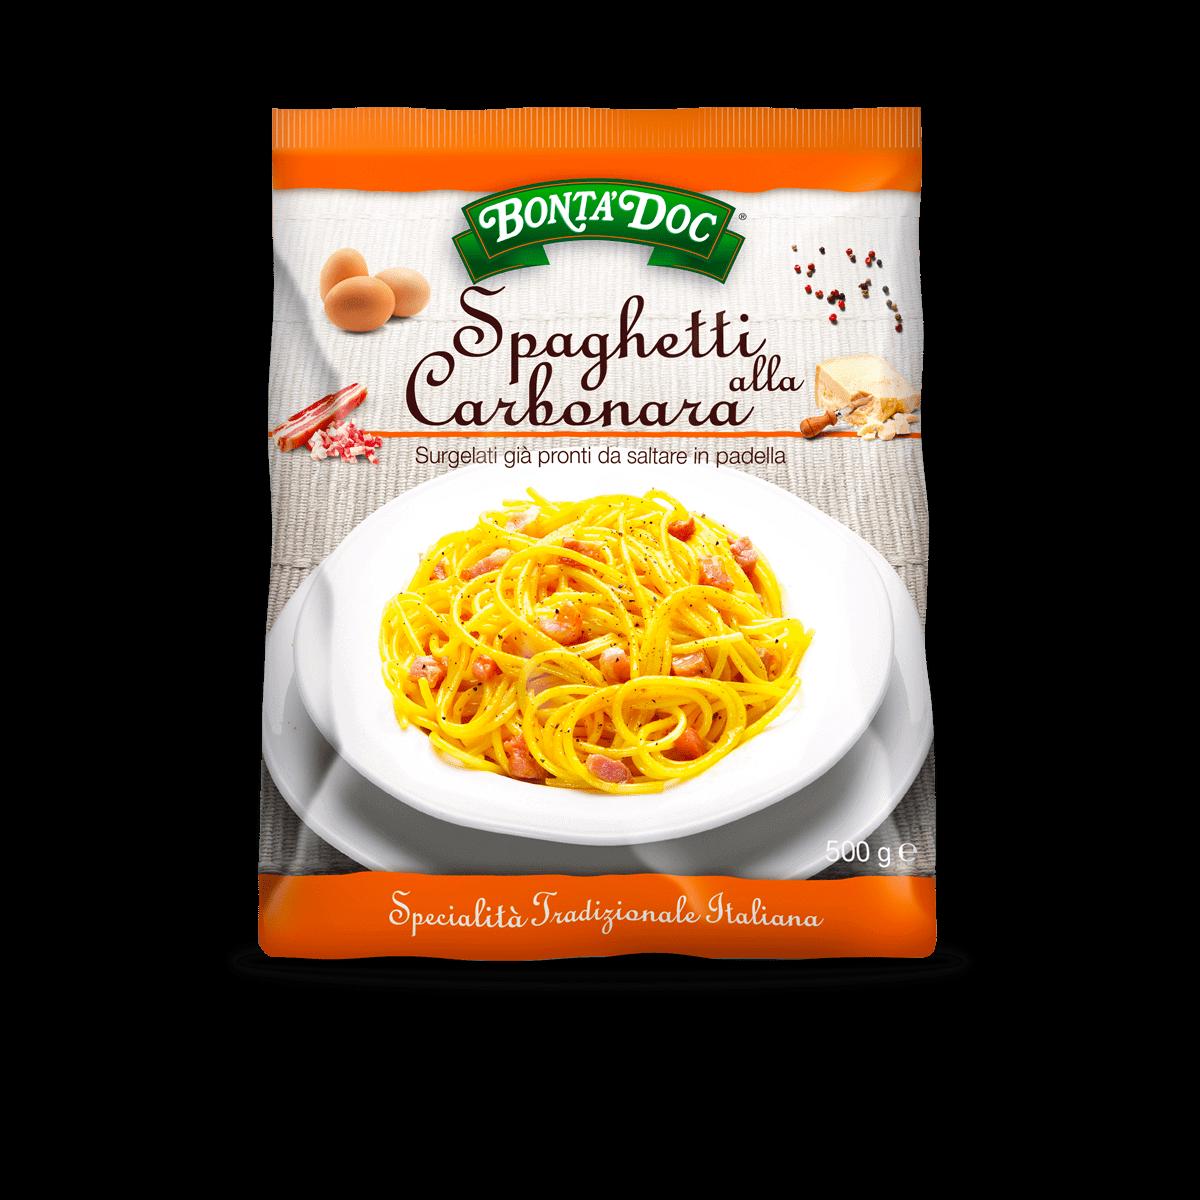 sia_conserviera_spaghetti_carbonara_busta